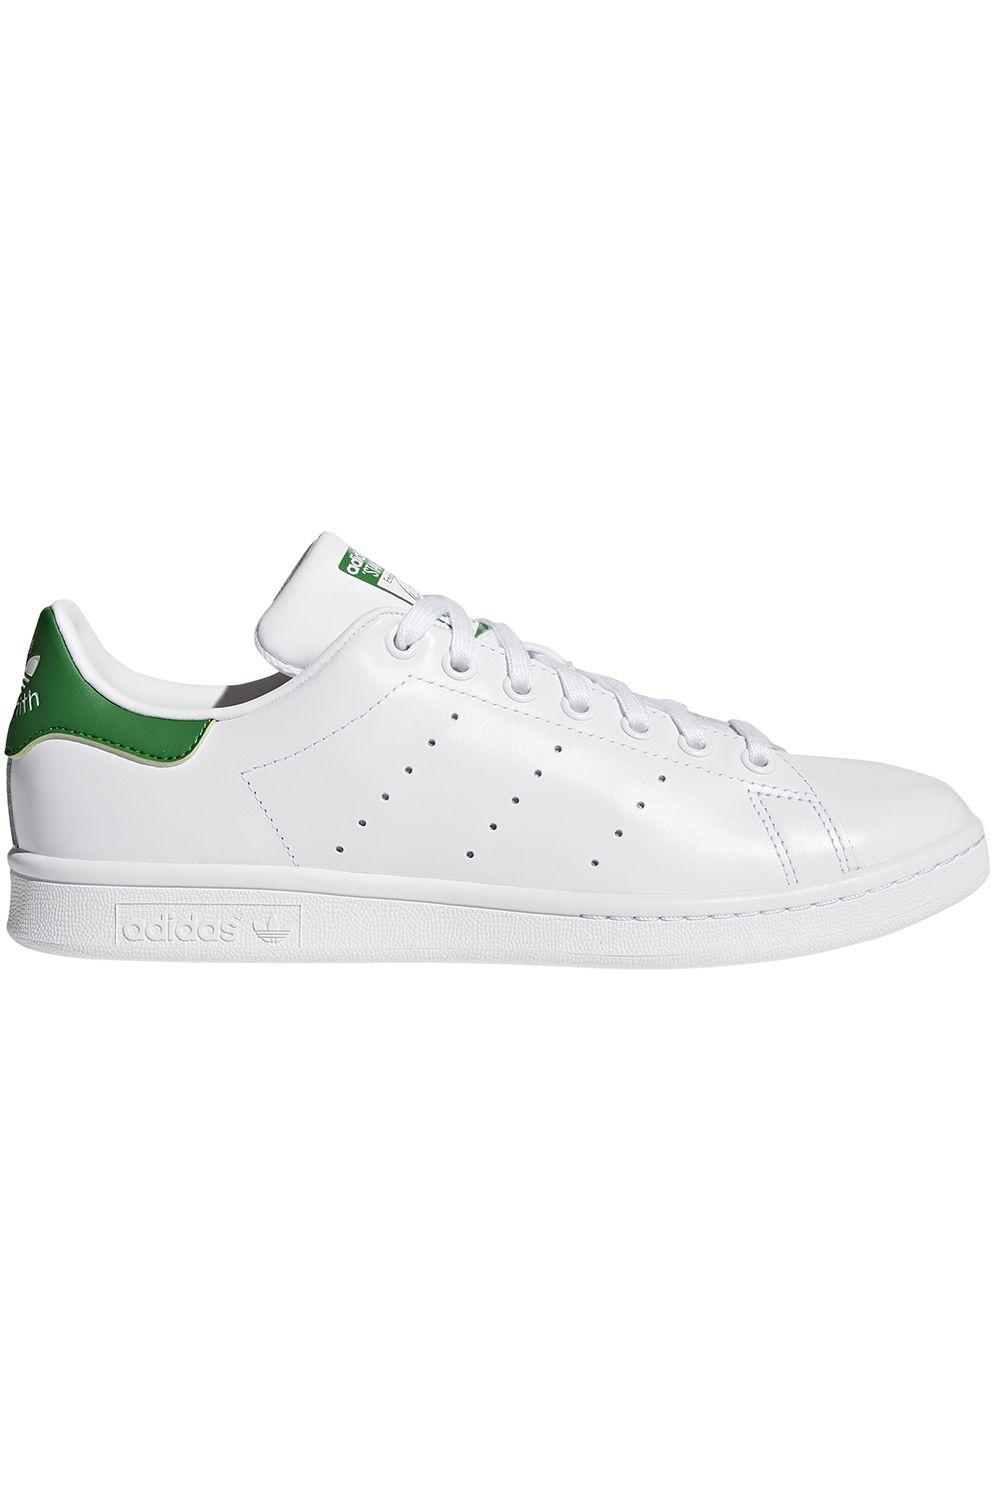 Tenis Adidas STAN SMITH Ftwr White/Core White/Green